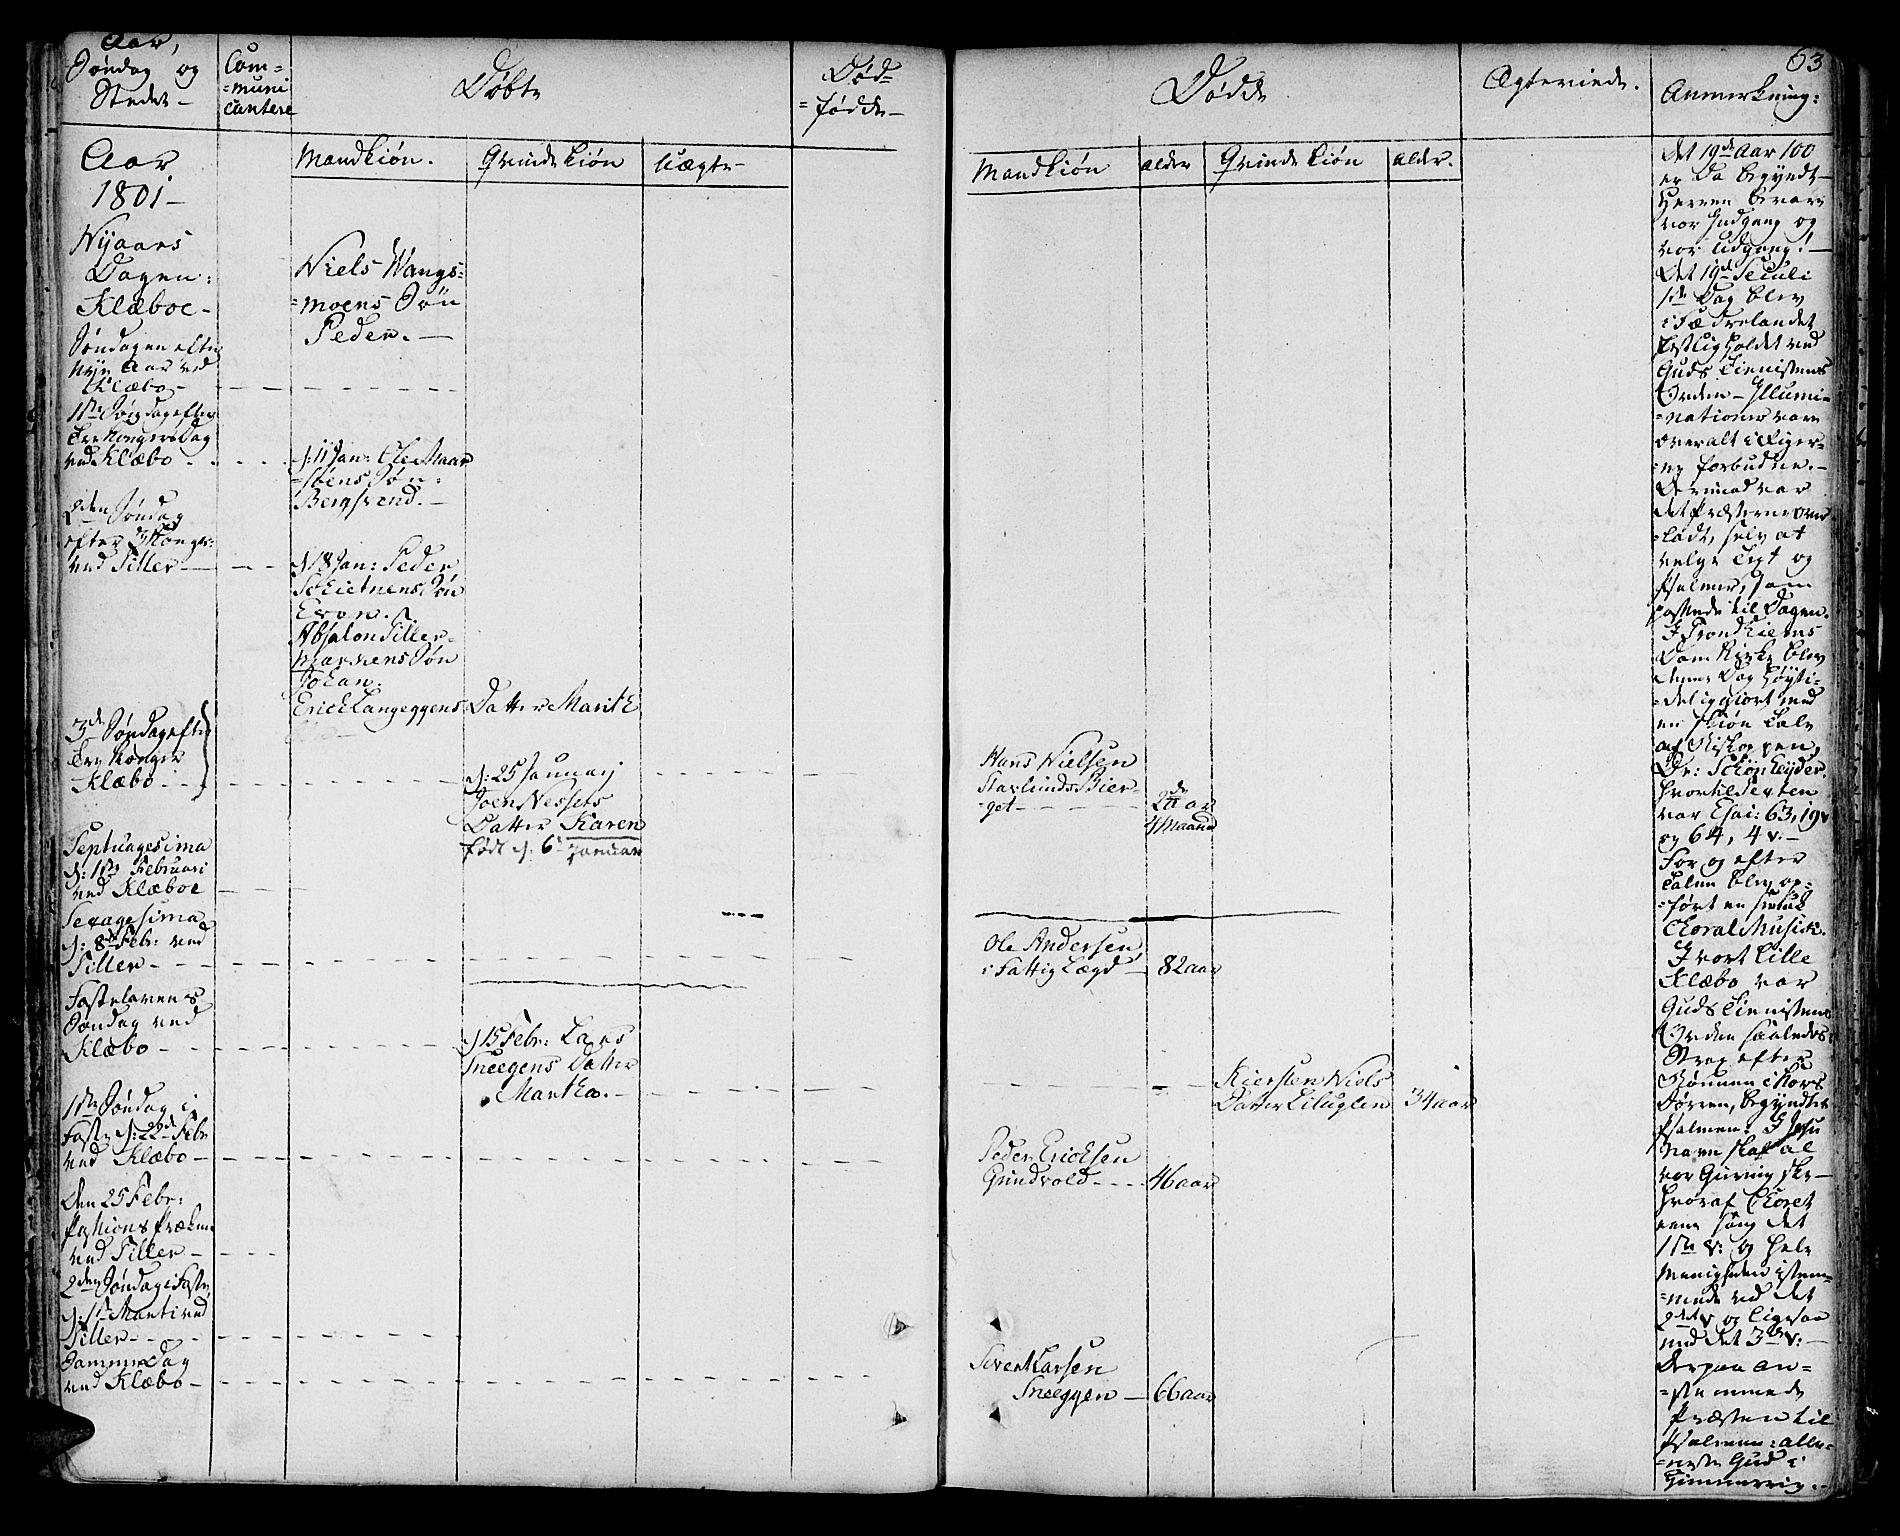 SAT, Ministerialprotokoller, klokkerbøker og fødselsregistre - Sør-Trøndelag, 618/L0438: Ministerialbok nr. 618A03, 1783-1815, s. 63